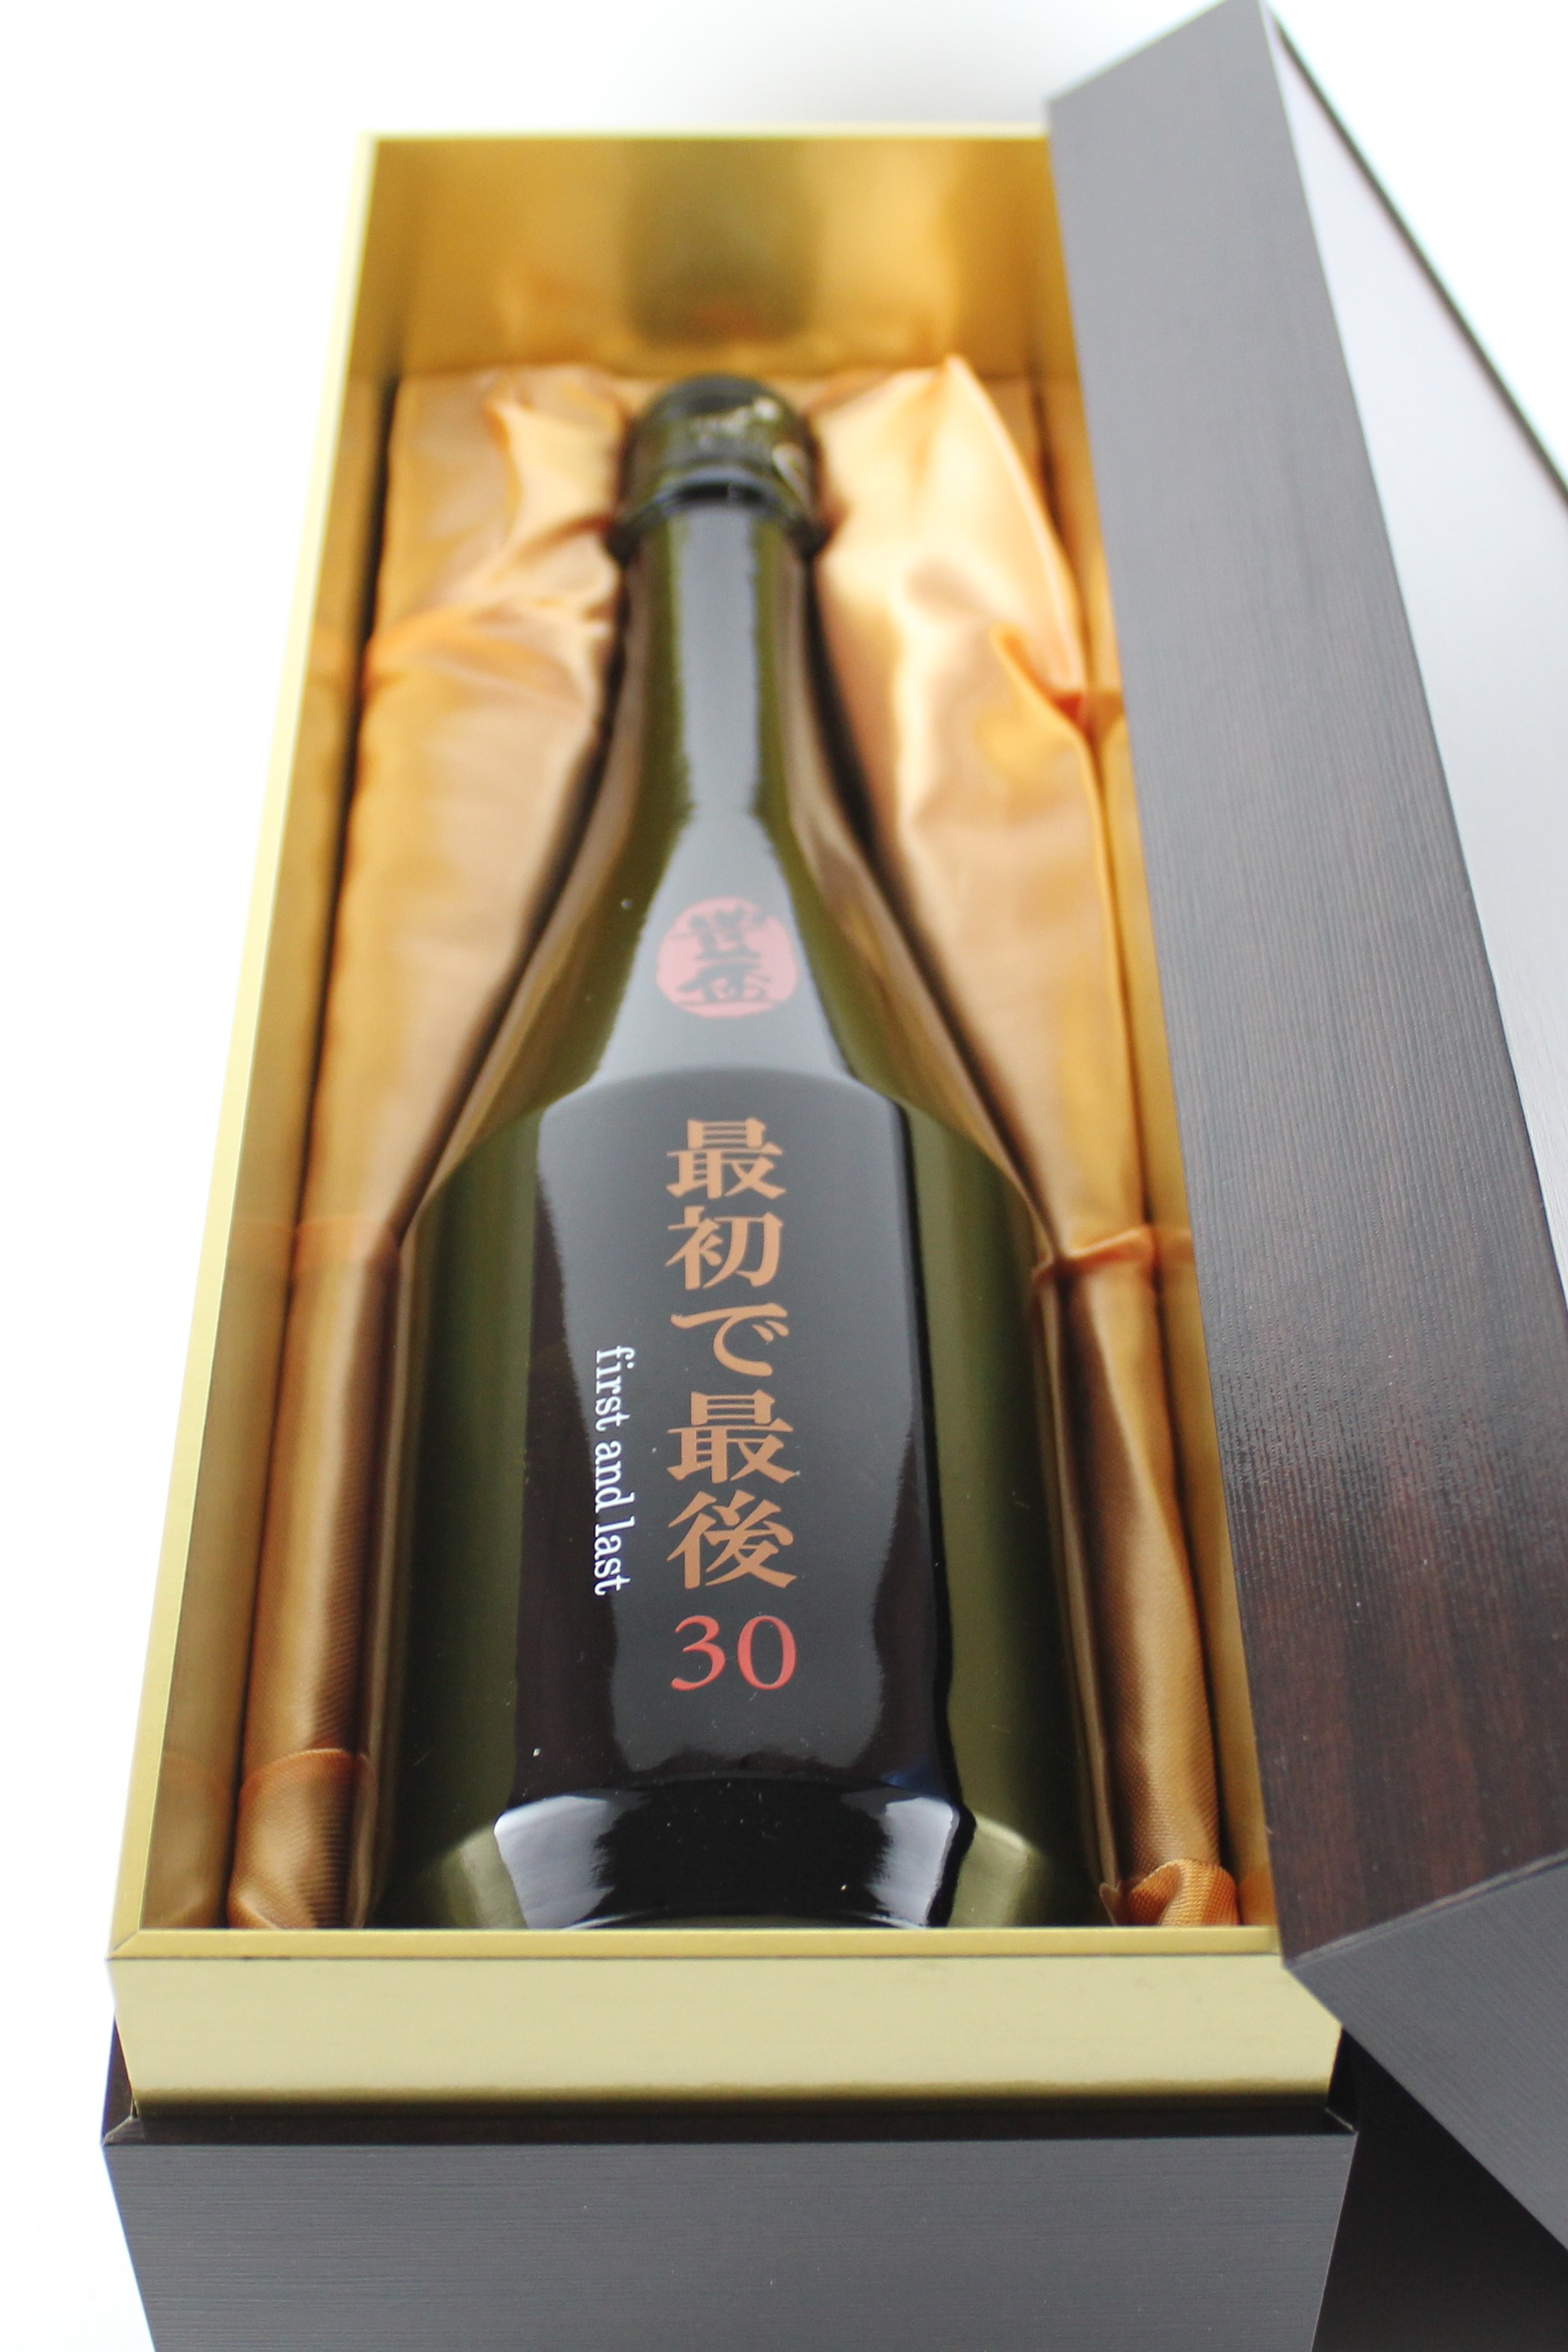 豊盃 最初で最後30 純米大吟醸 720ml 【青森/三浦酒造】